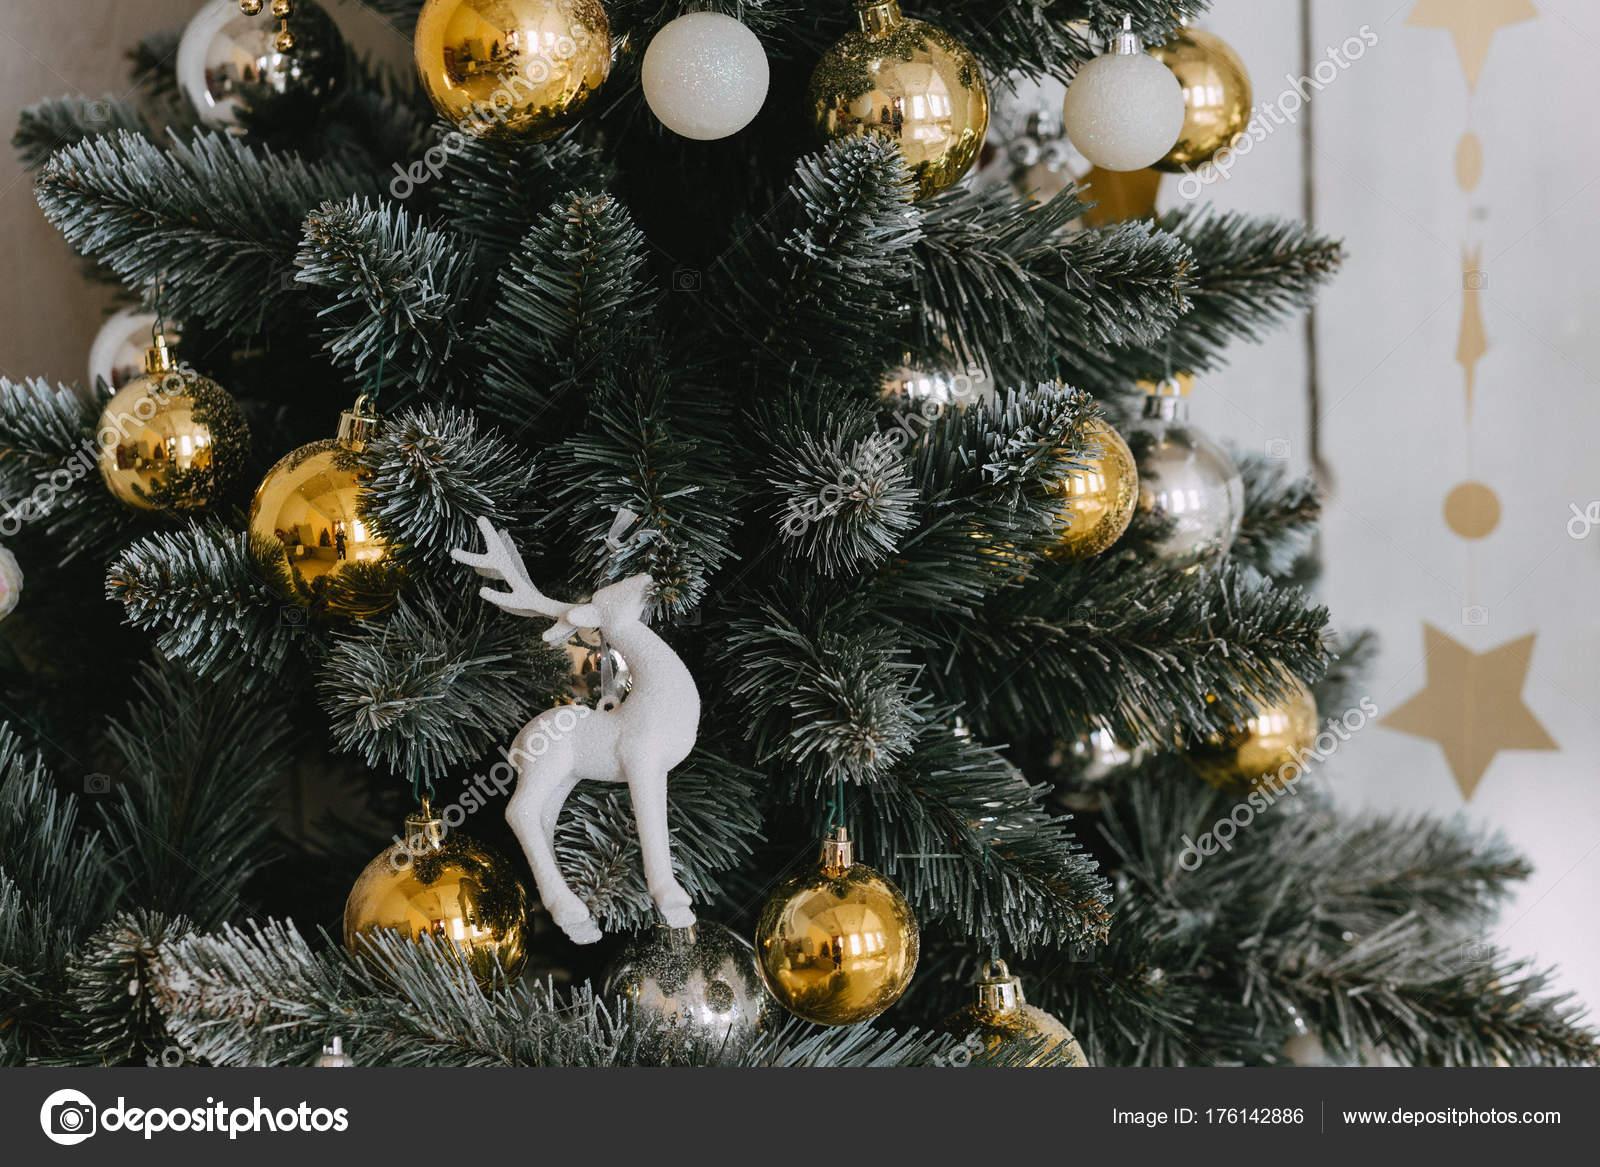 Künstlicher Geschmückter Weihnachtsbaum.Nahaufnahme Von Geschmückter Künstlicher Weihnachtsbaum Stockfoto